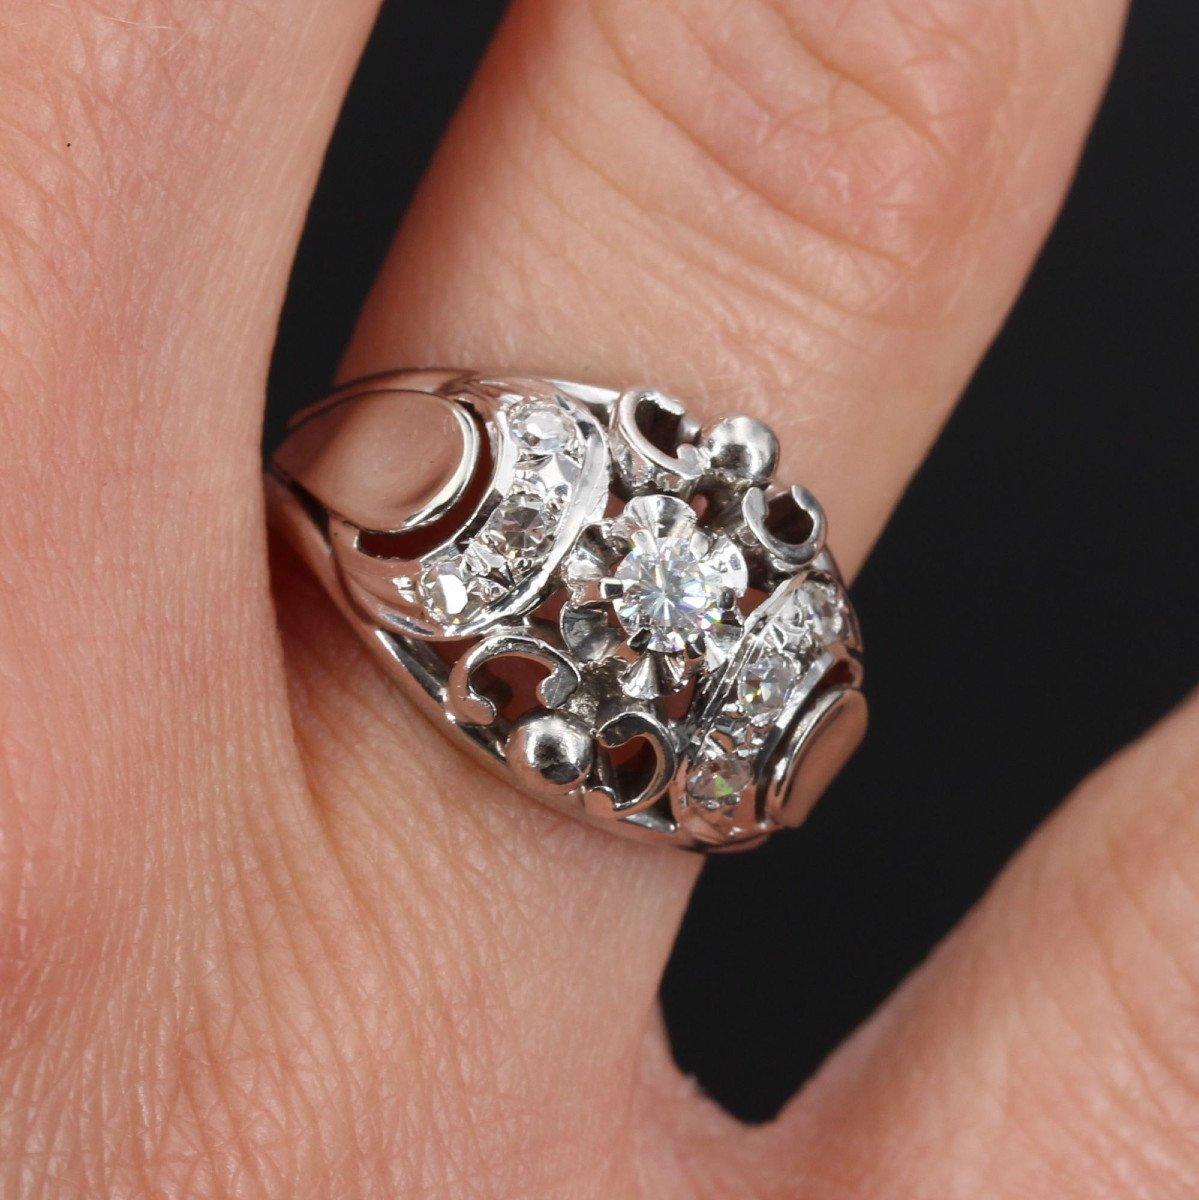 Bague Bombée Or Blanc Diamants-photo-1